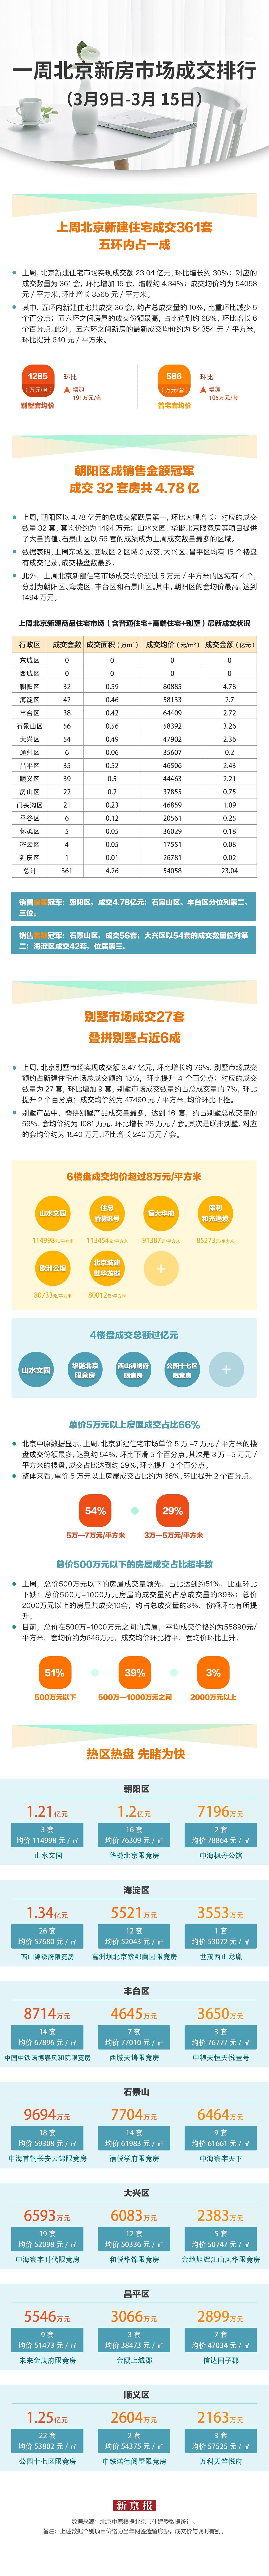 """上周北京新建住宅成交回暖 石景山、朝阳""""热""""了图片"""